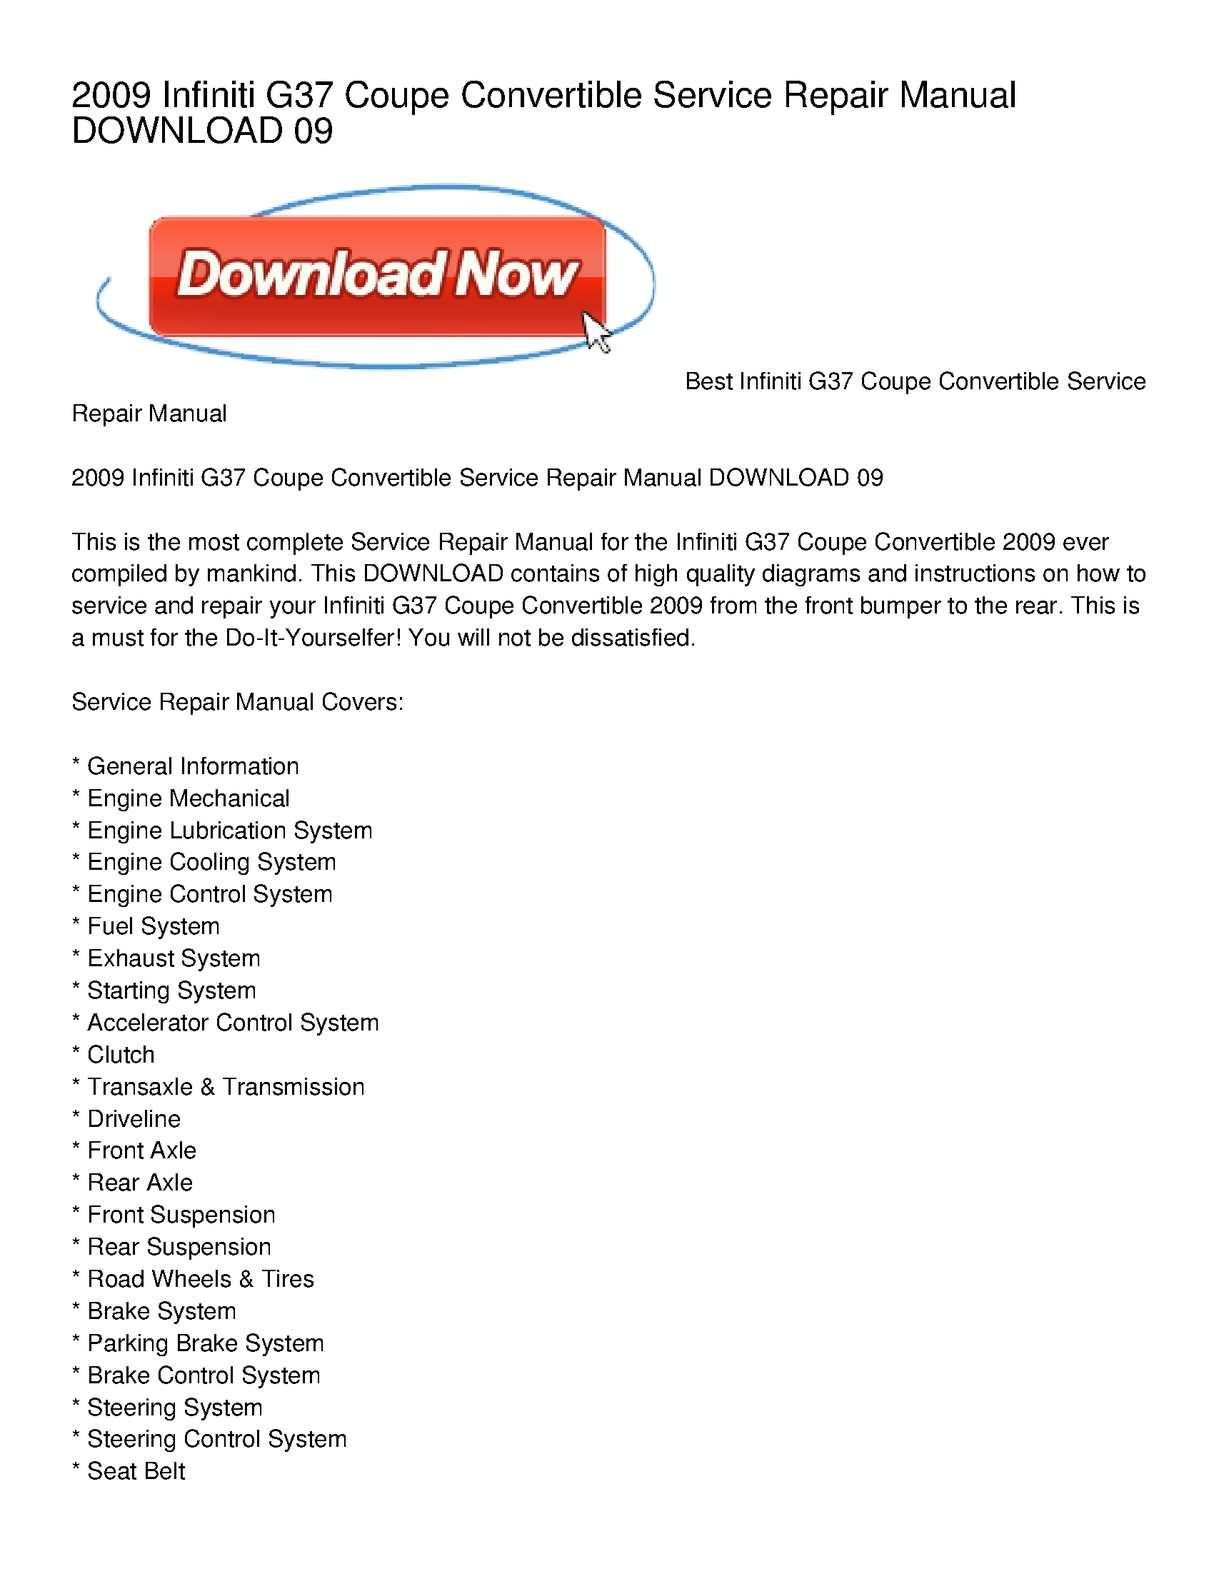 Calamo 2009 Infiniti G37 Coupe Convertible Service Repair Manual Fuel Pump Diagram Download 09